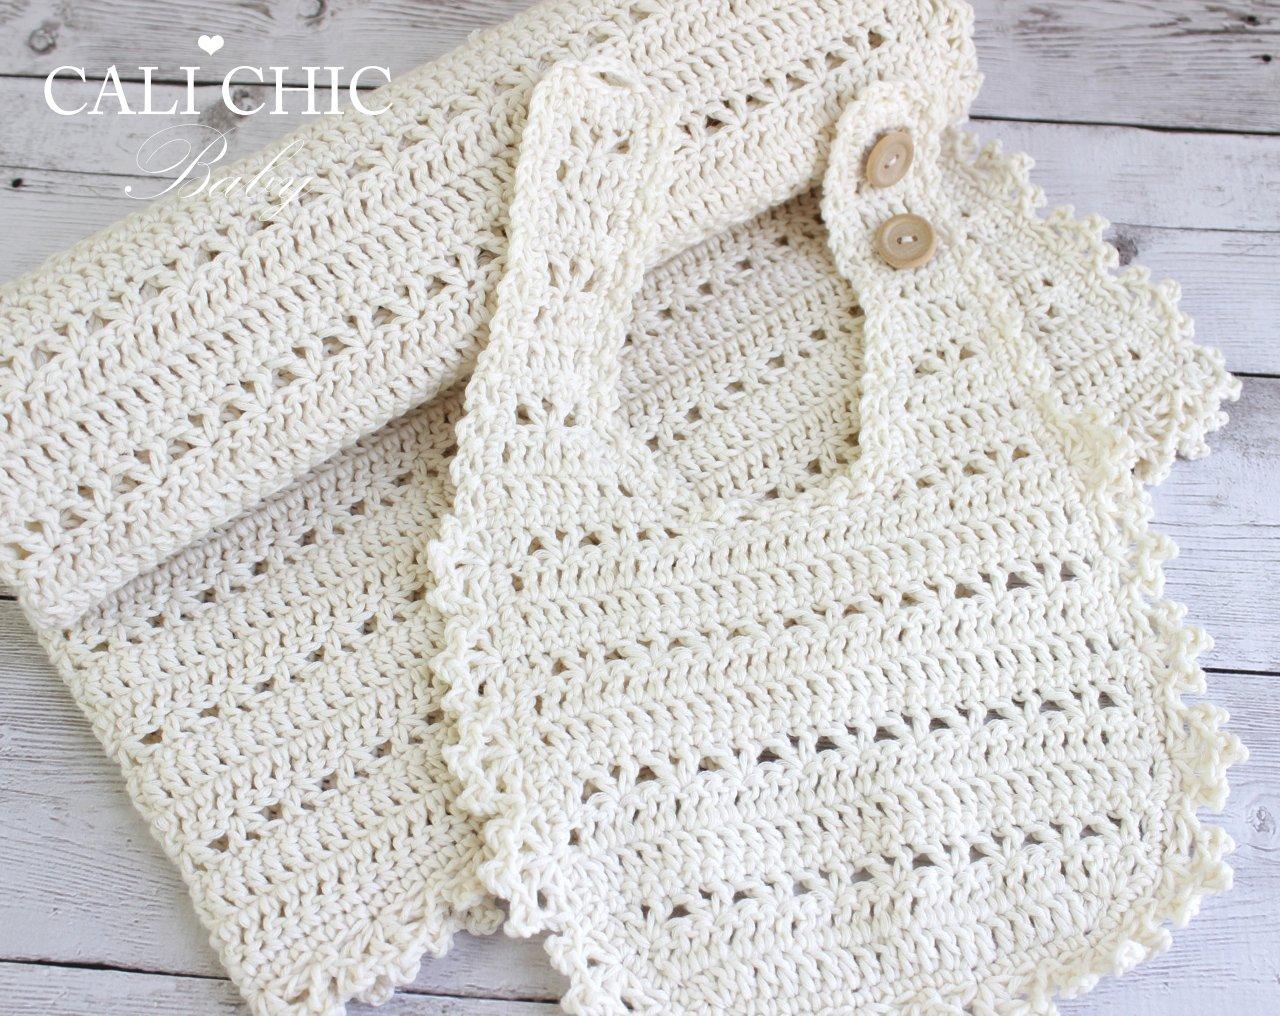 Blossom Setcrochet Babybib Blanketpattern 140 Cali Chic Baby